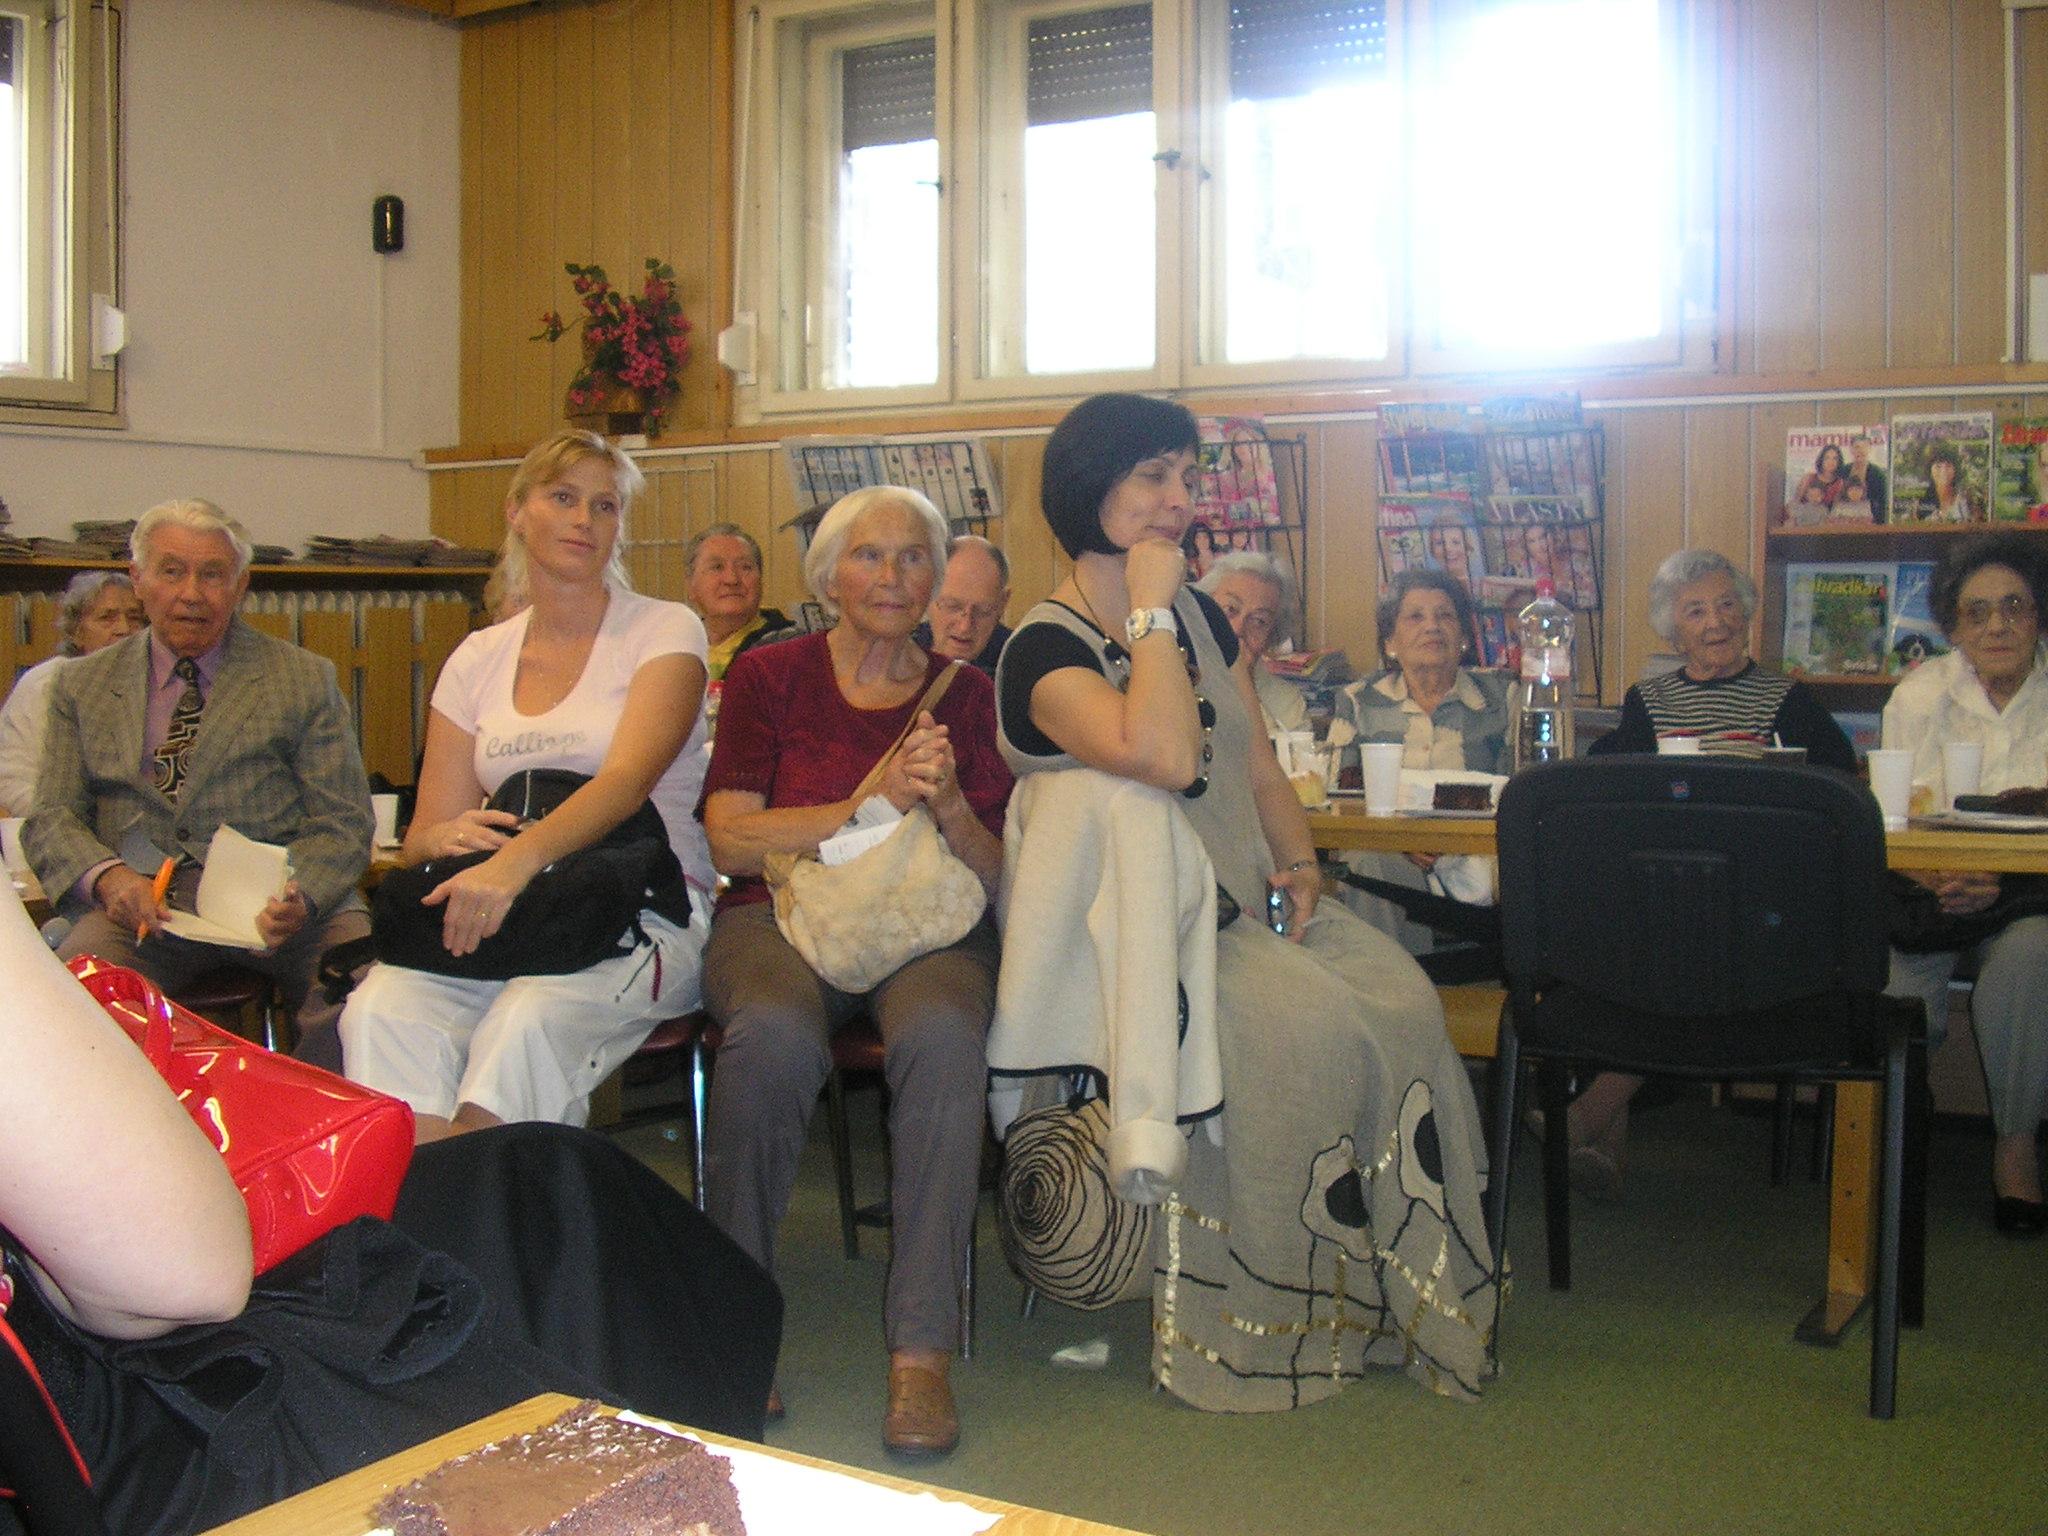 Október - mesiac úcty k starším - Uctime si našich starkých